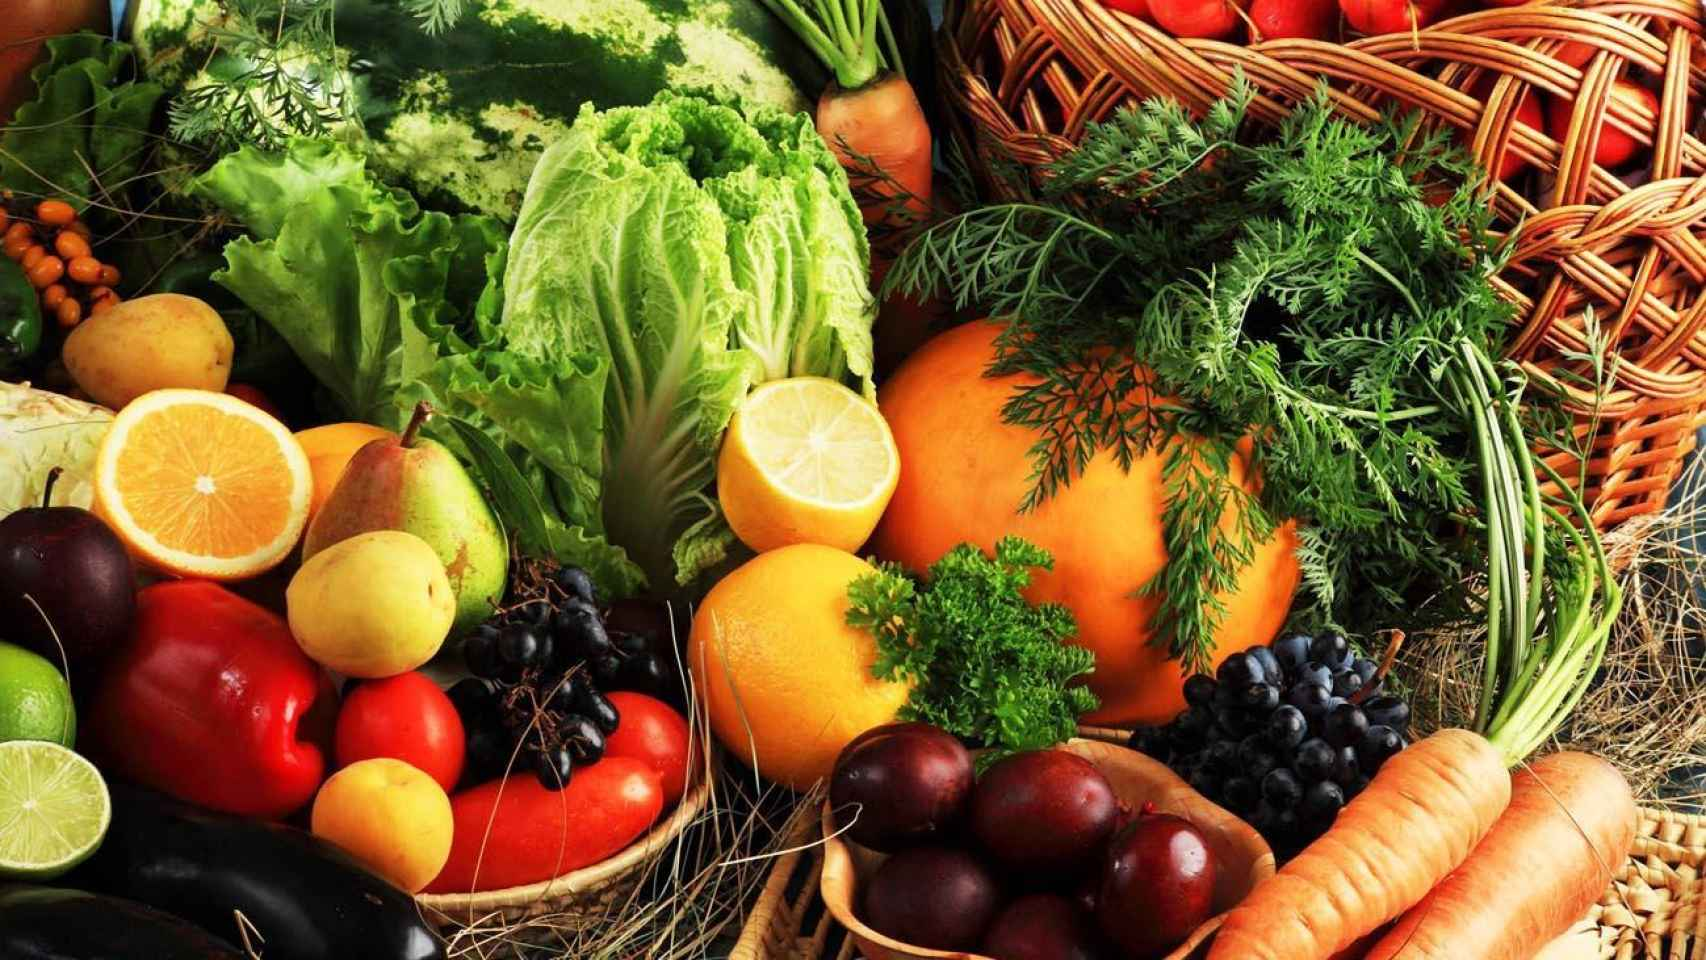 Cada fruta y verdura tiene su estación. Compra según la temporada en la que estemos.